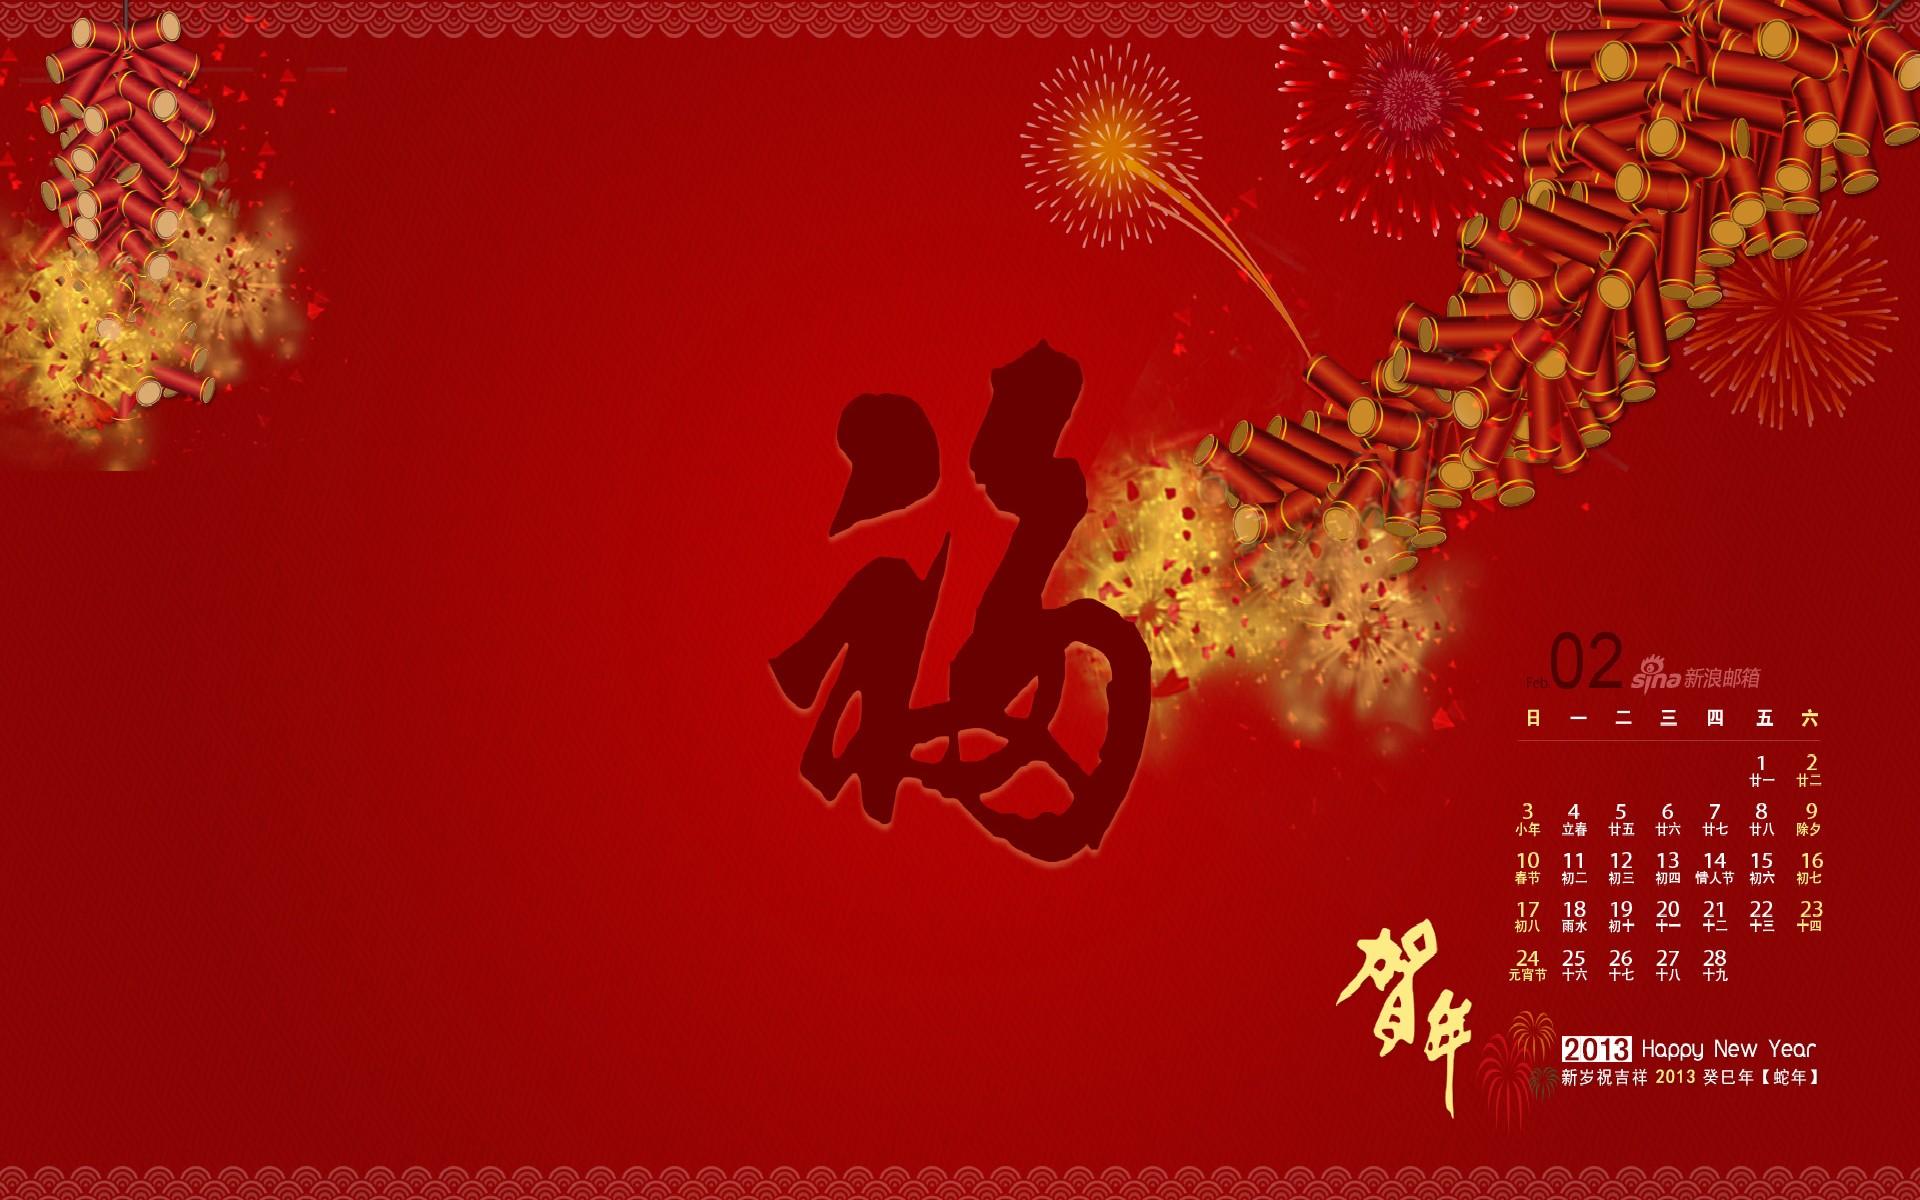 祝贺蛇年春节快乐(1920x1200) 壁纸